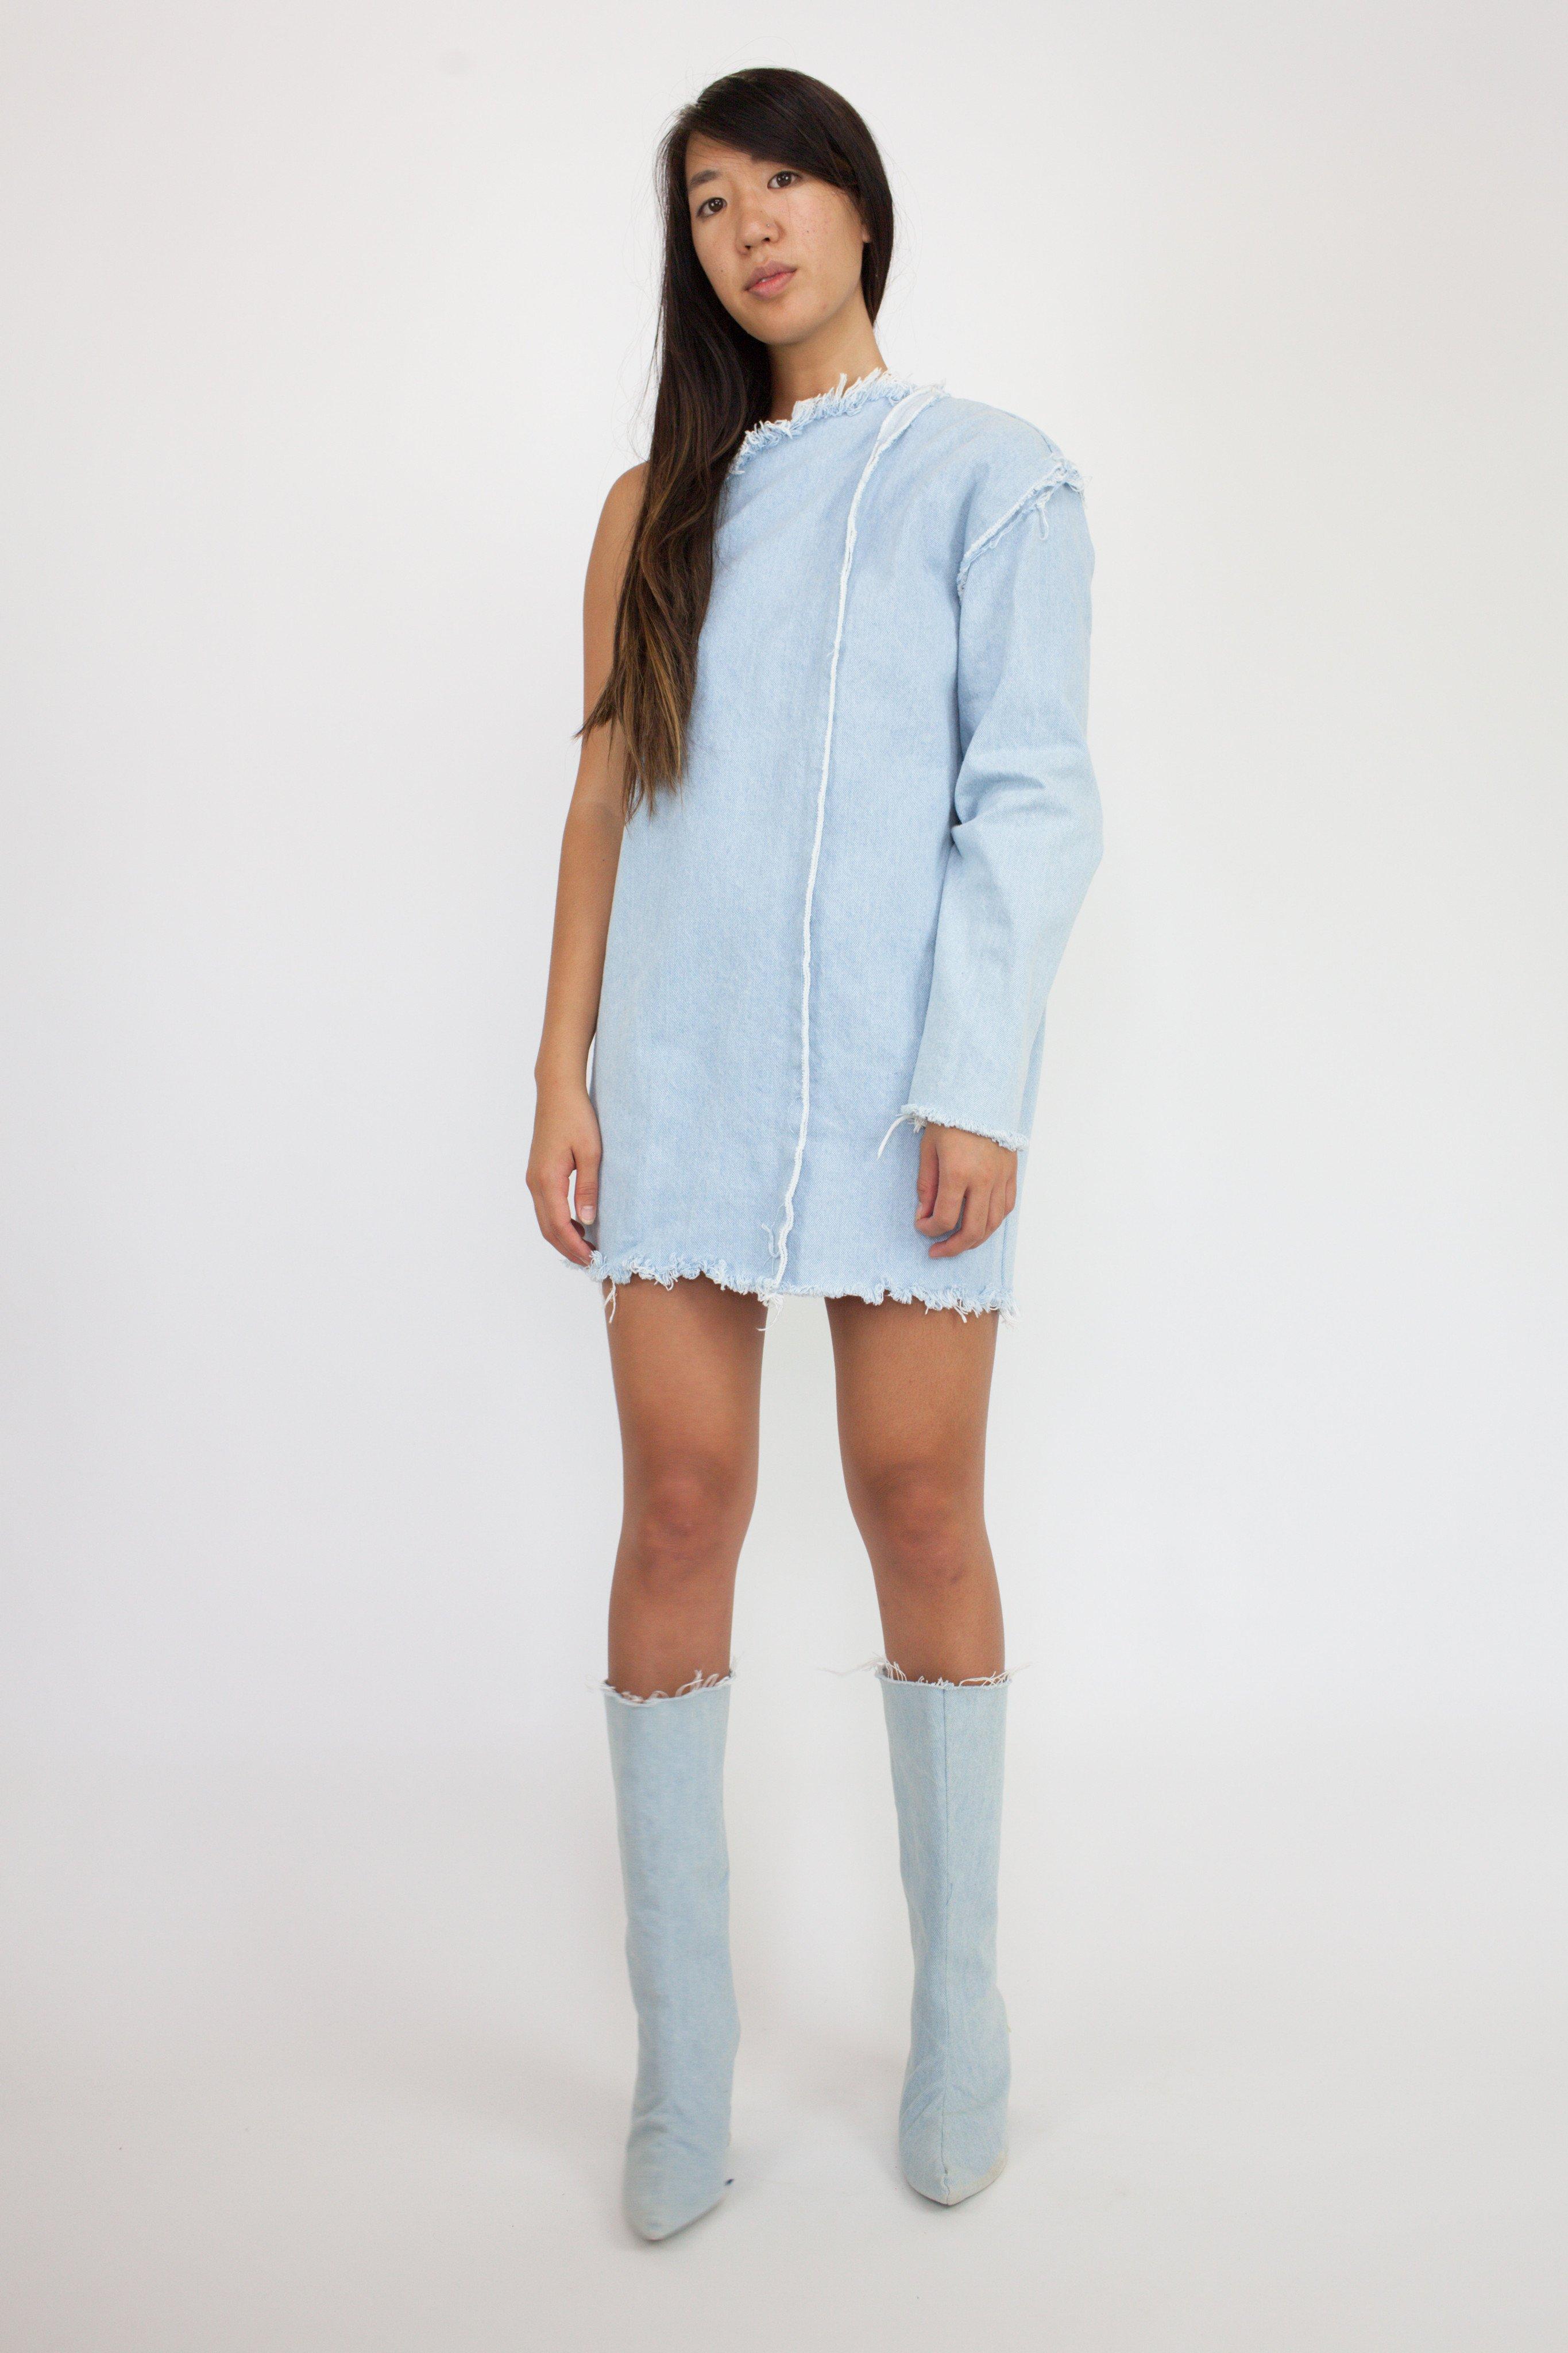 Ashley Rowe Fashion Designer